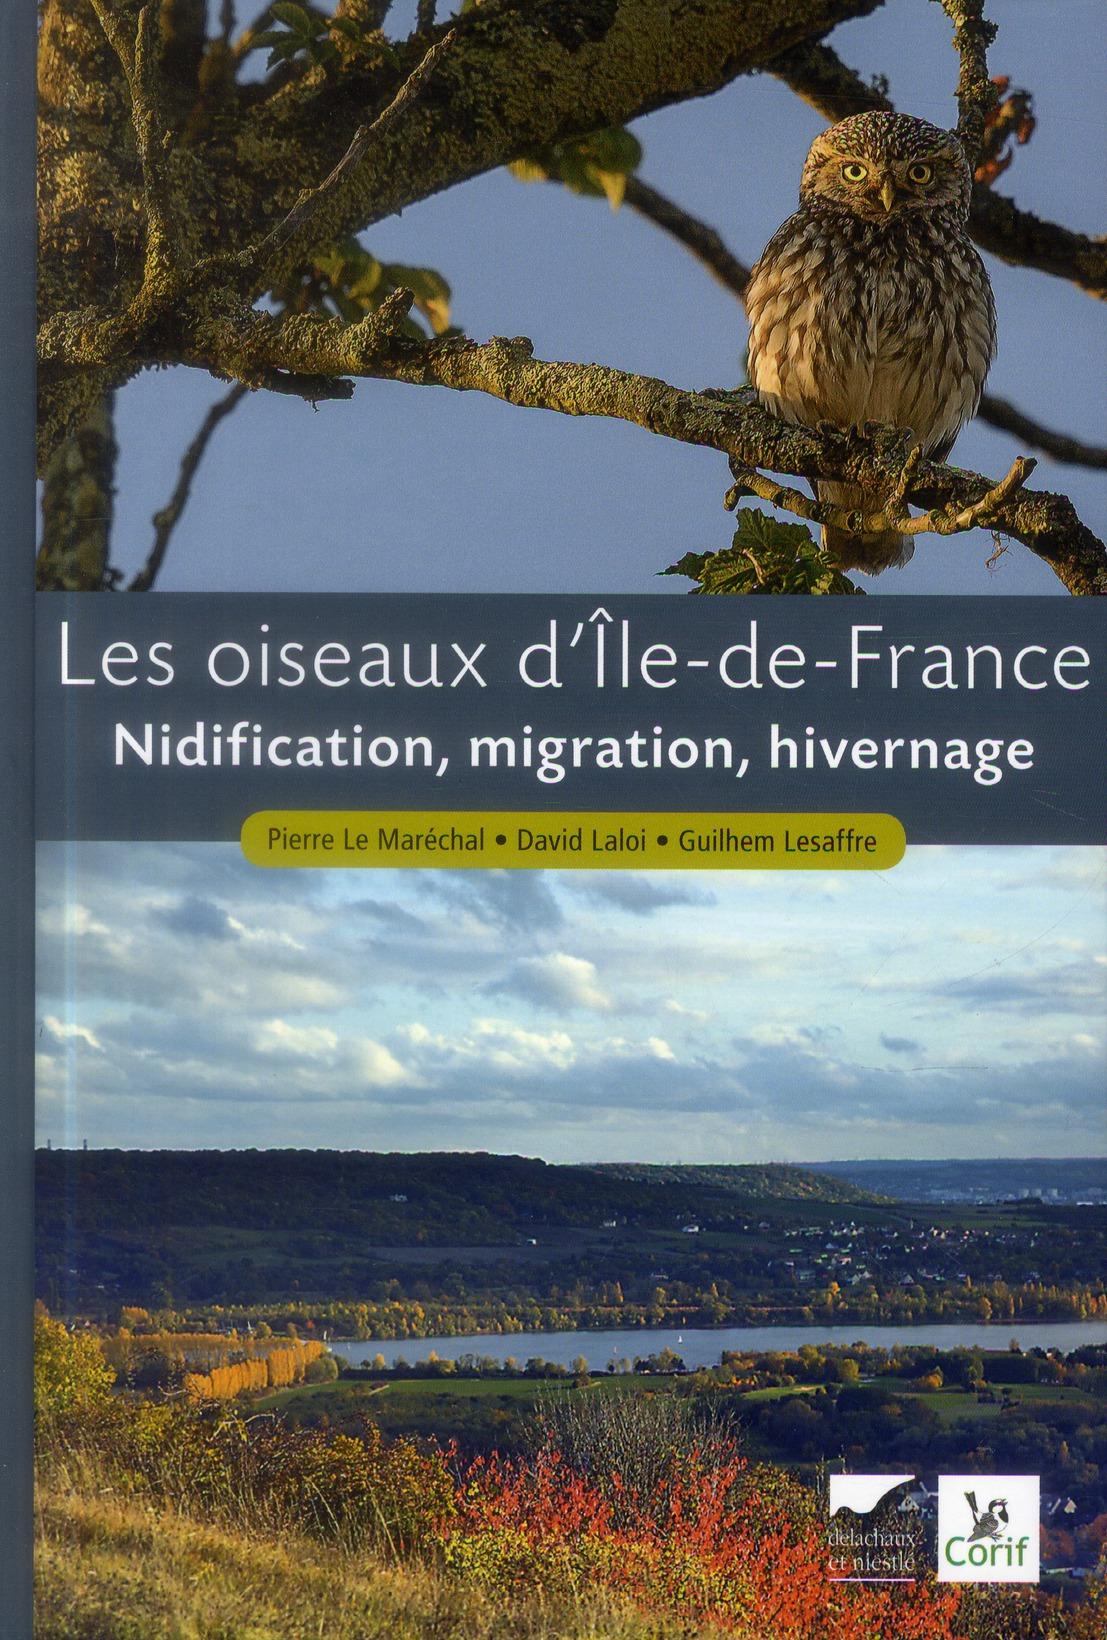 LES OISEAUX D'ILE-DE-FRANCE. NIDIFICATION, MIGRATION, HIVERNAGE